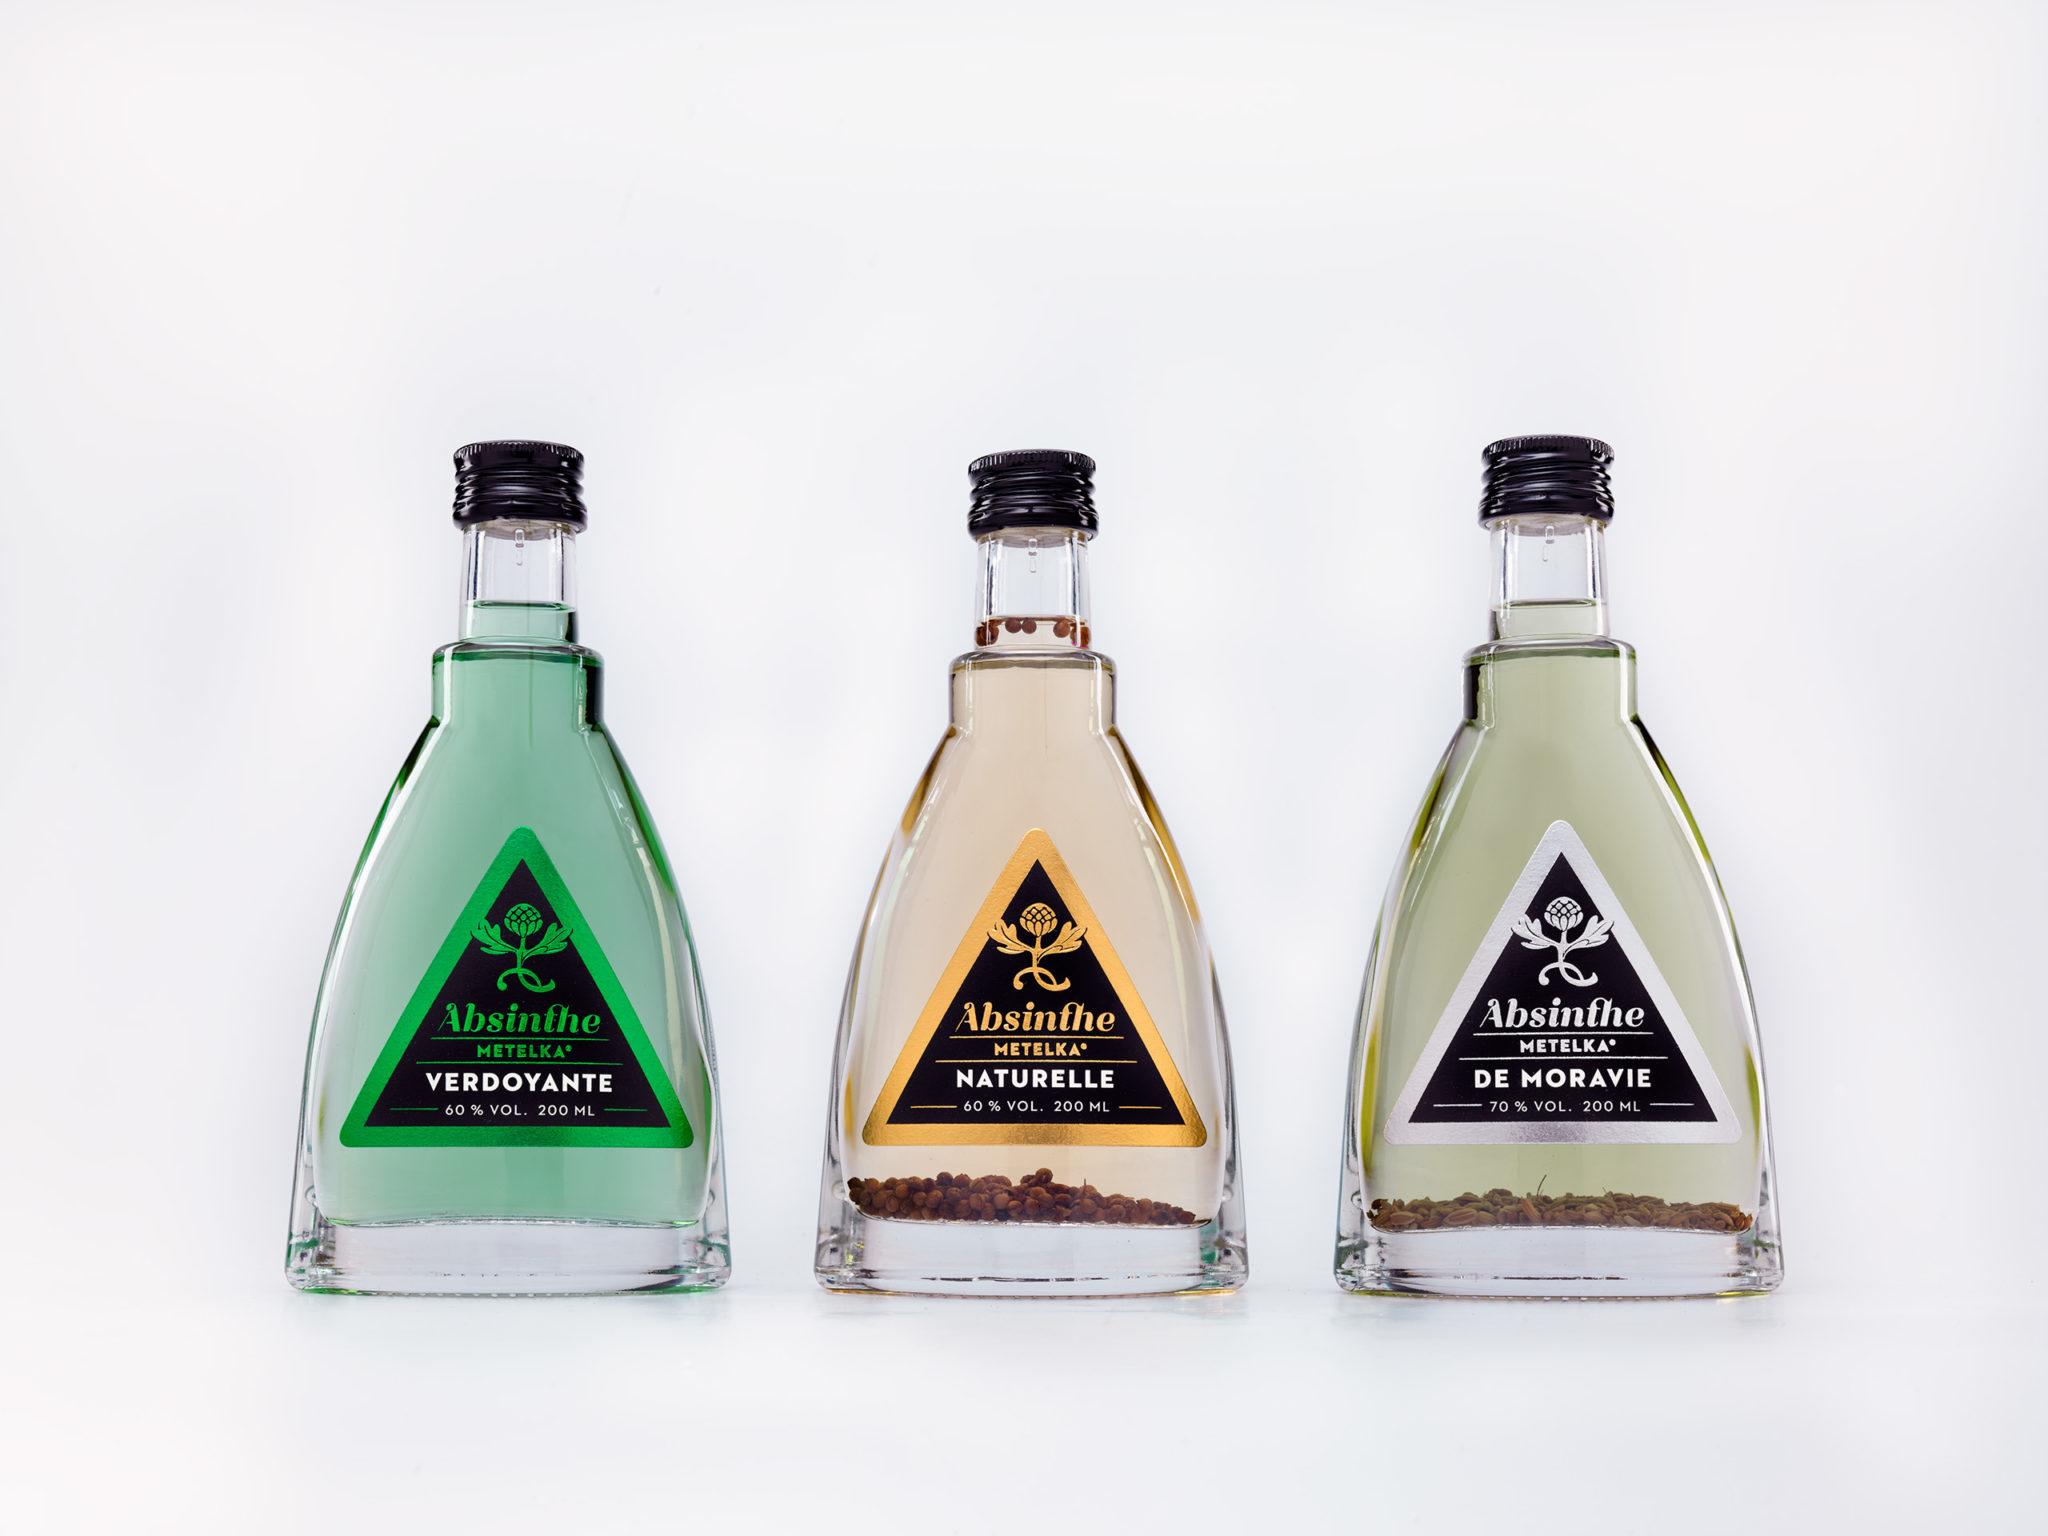 3 druhy absintů Metelka v 200 ml malé lahvi